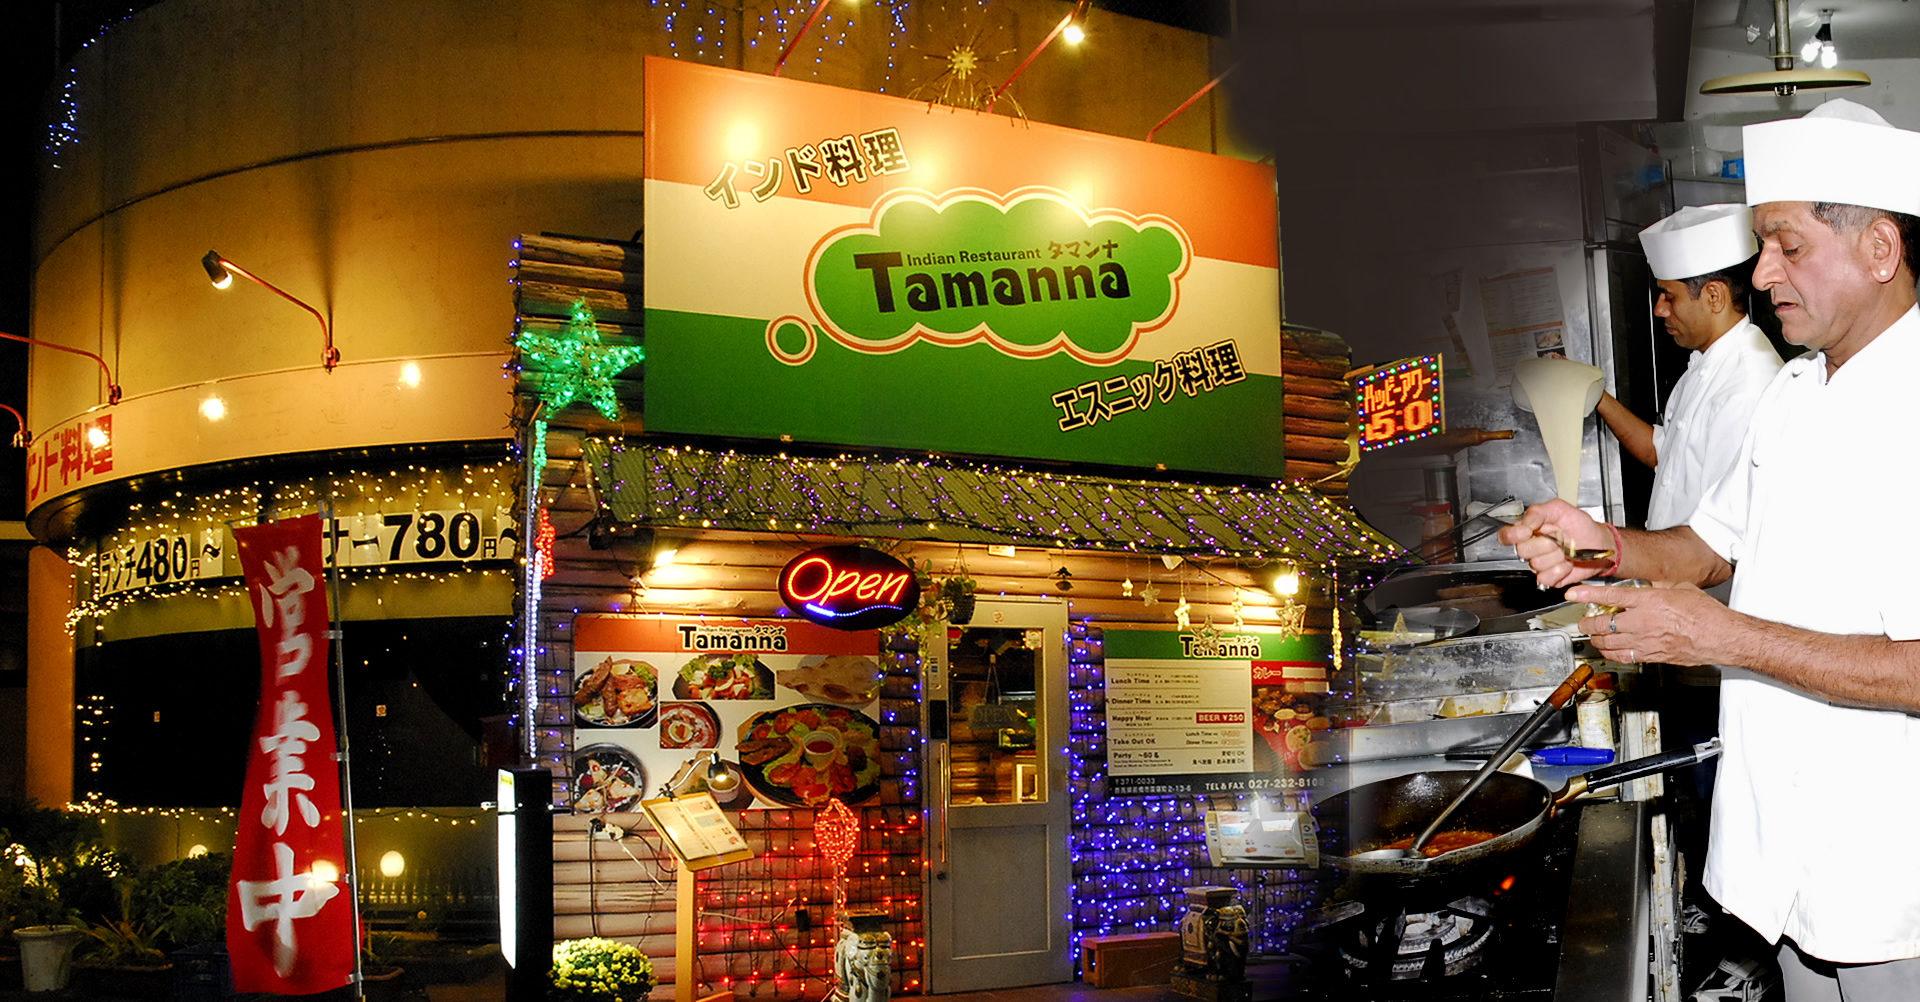 前橋市の本格インド料理 TAMANNA(タマンナ)